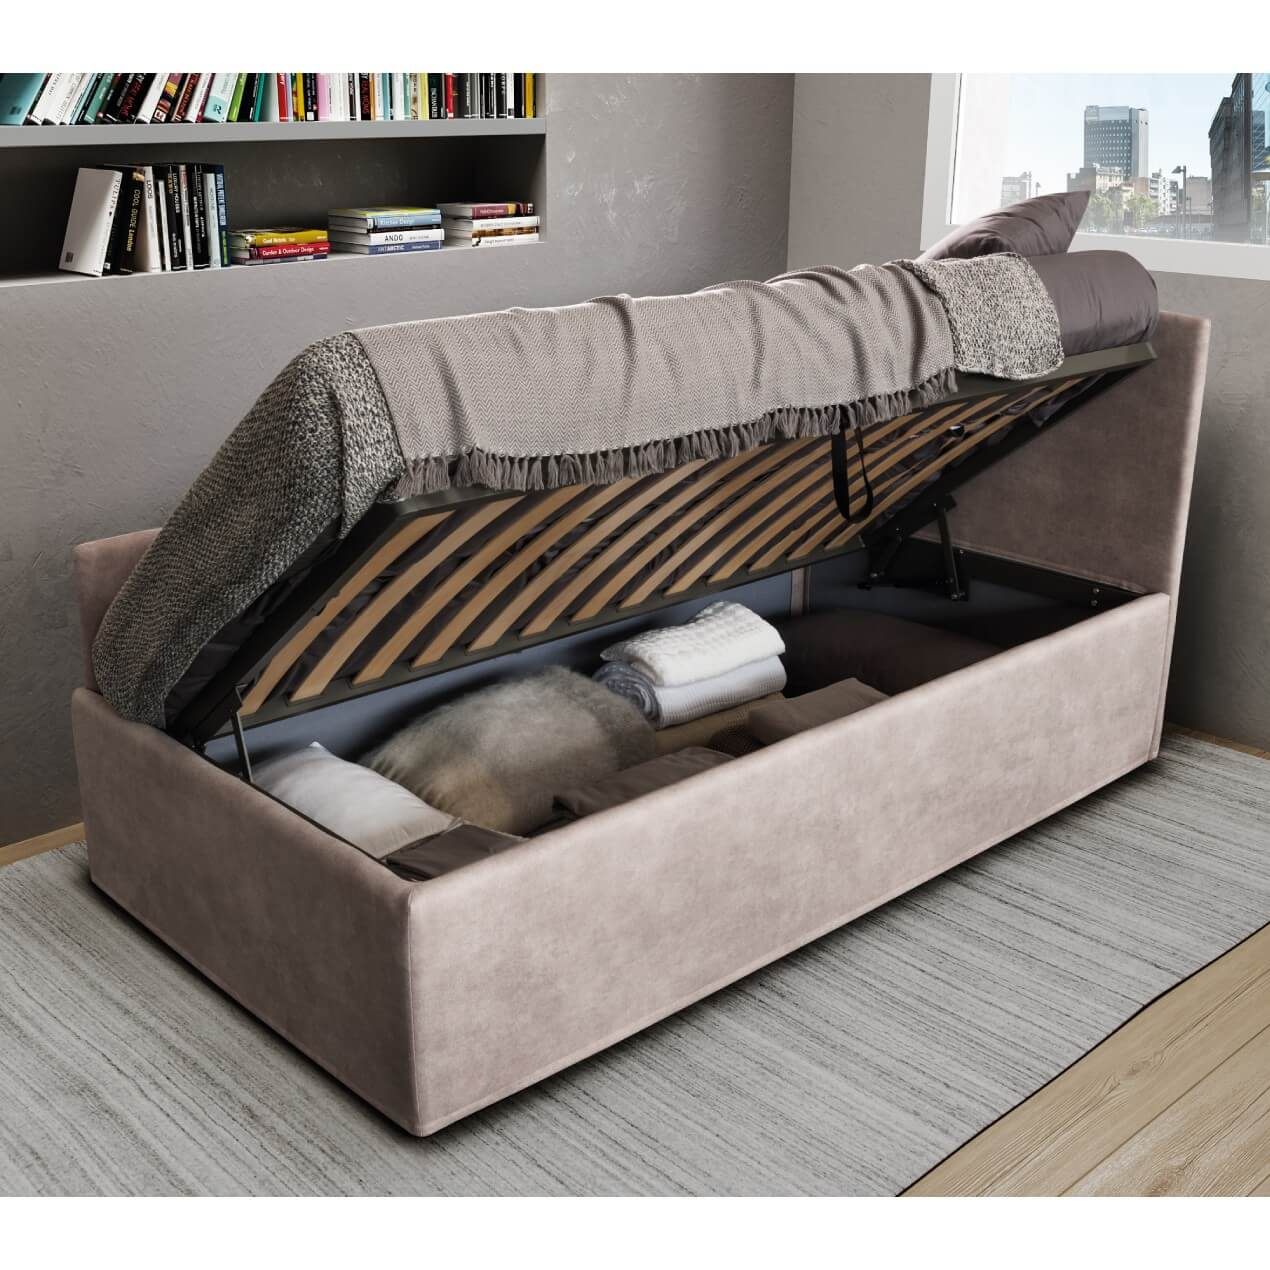 Divano letto singolo con contenitore 28 images divano letto contenitore in promozione - Divano letto singolo con contenitore ...